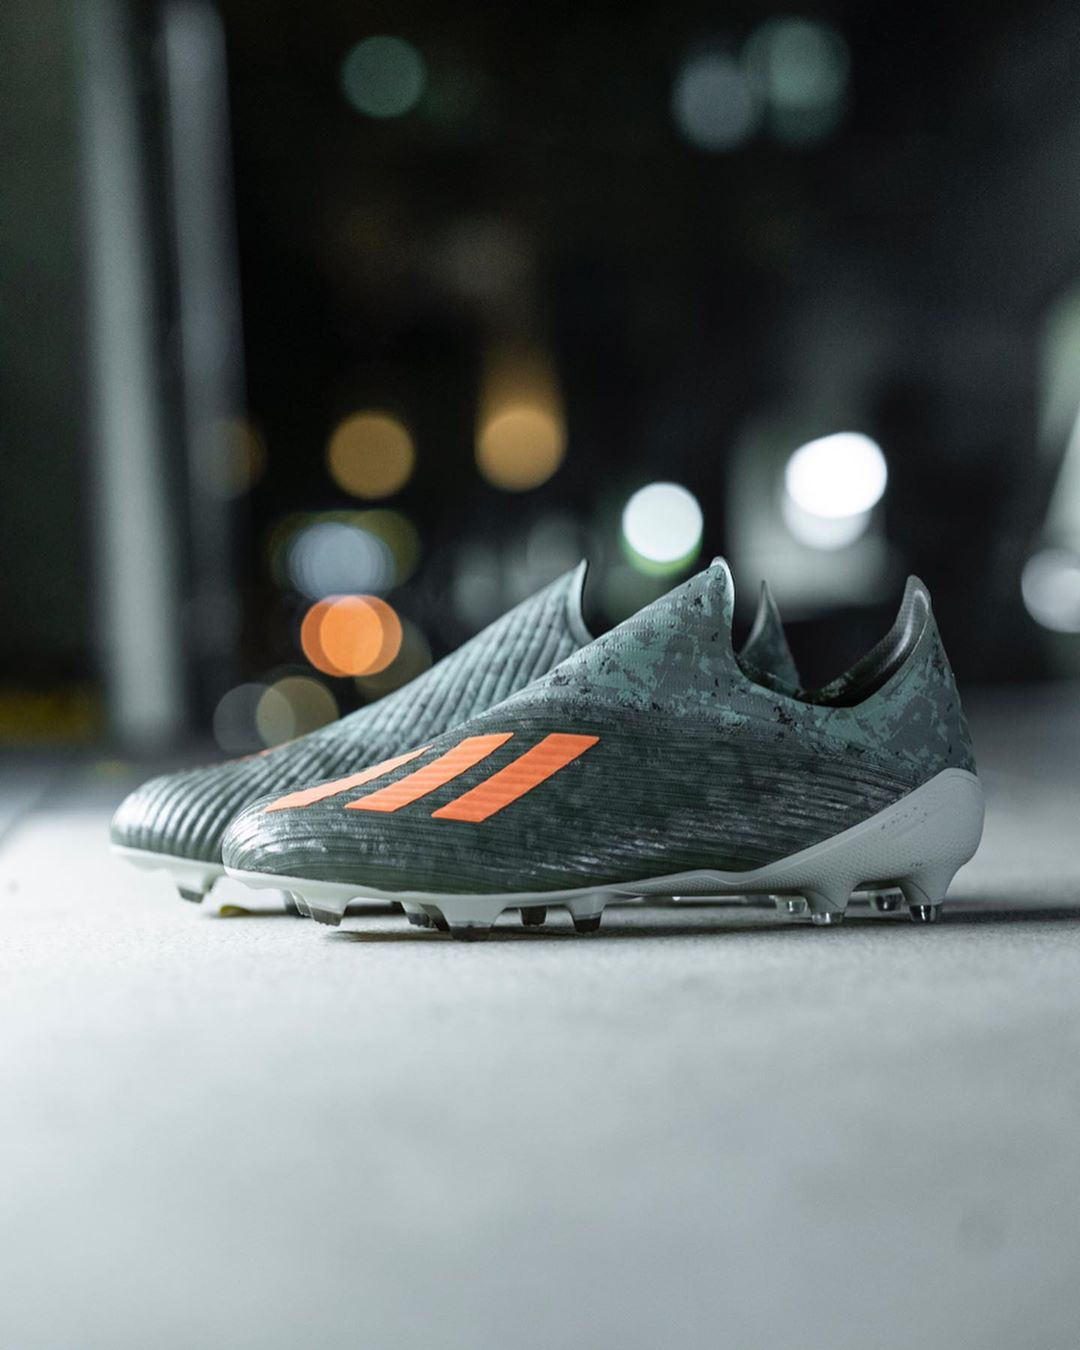 Melhores chuteiras 2019: Adidas X